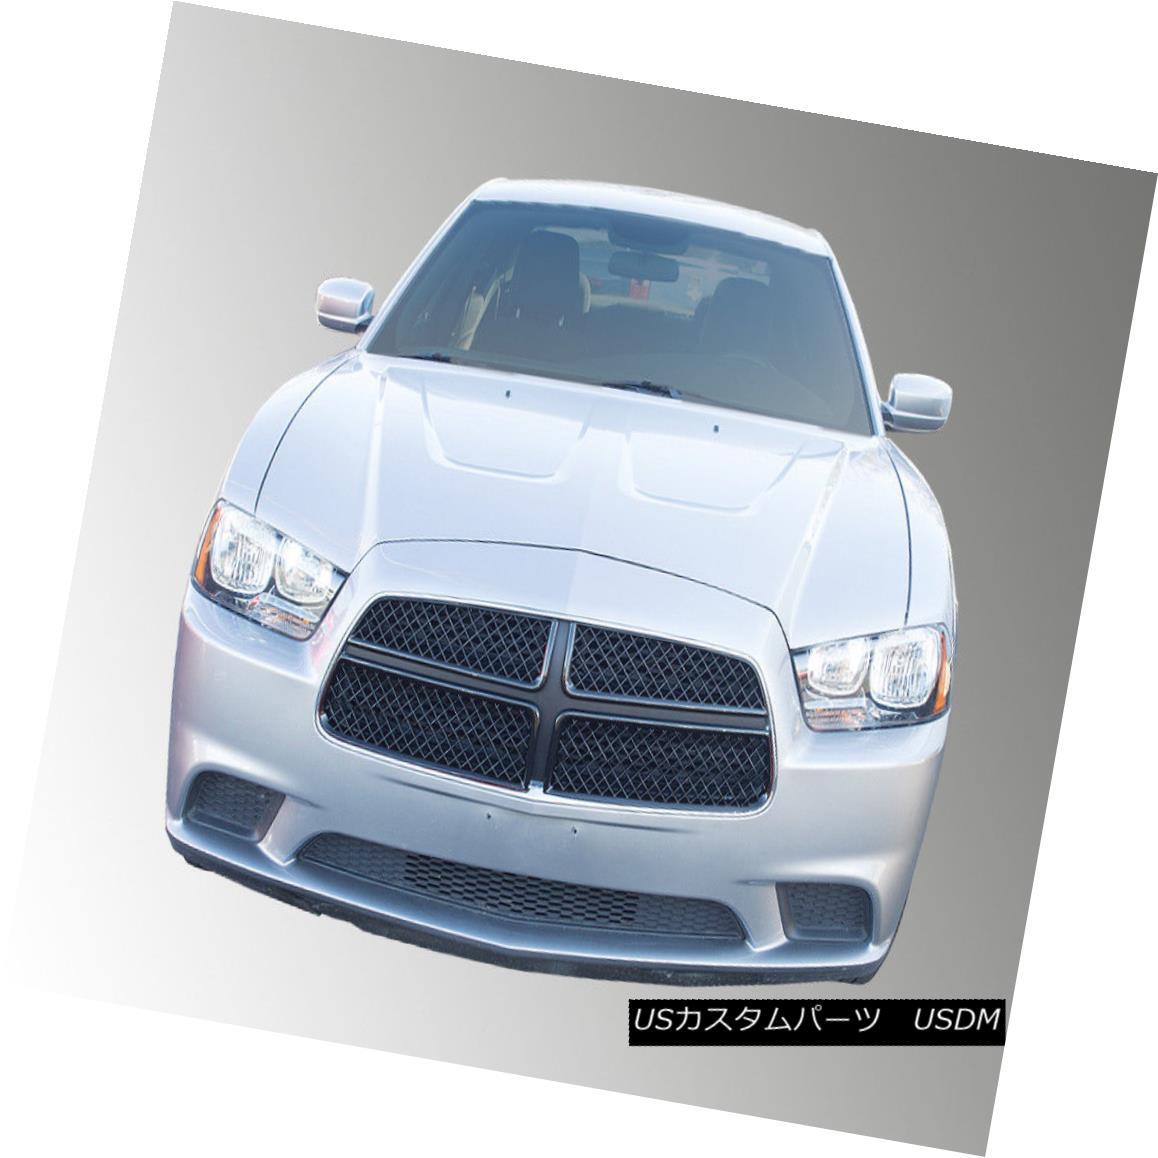 グリル Fits 11-14 DODGE CHARGER SE/SXT/SRT - Gloss Black Grille Insert/Overlay フィット11-14ダッジチャージャーSE / SXT / SRT - グロスブラックグリルインサート/オーバーレイ